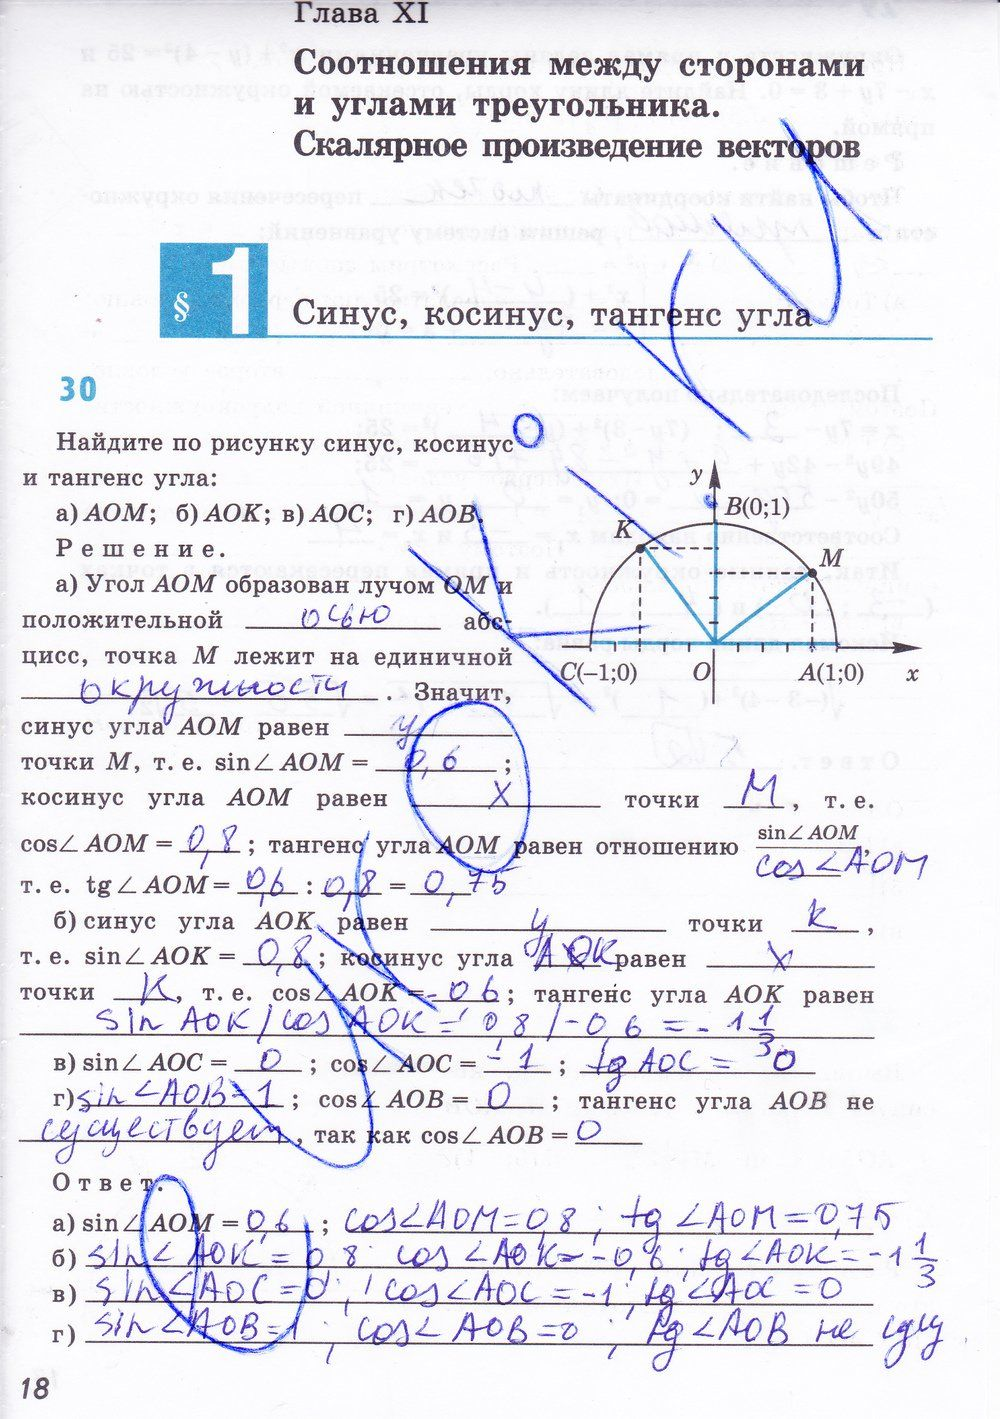 Математика 6 класс тесты 1 часть гришина скачать бесплатно